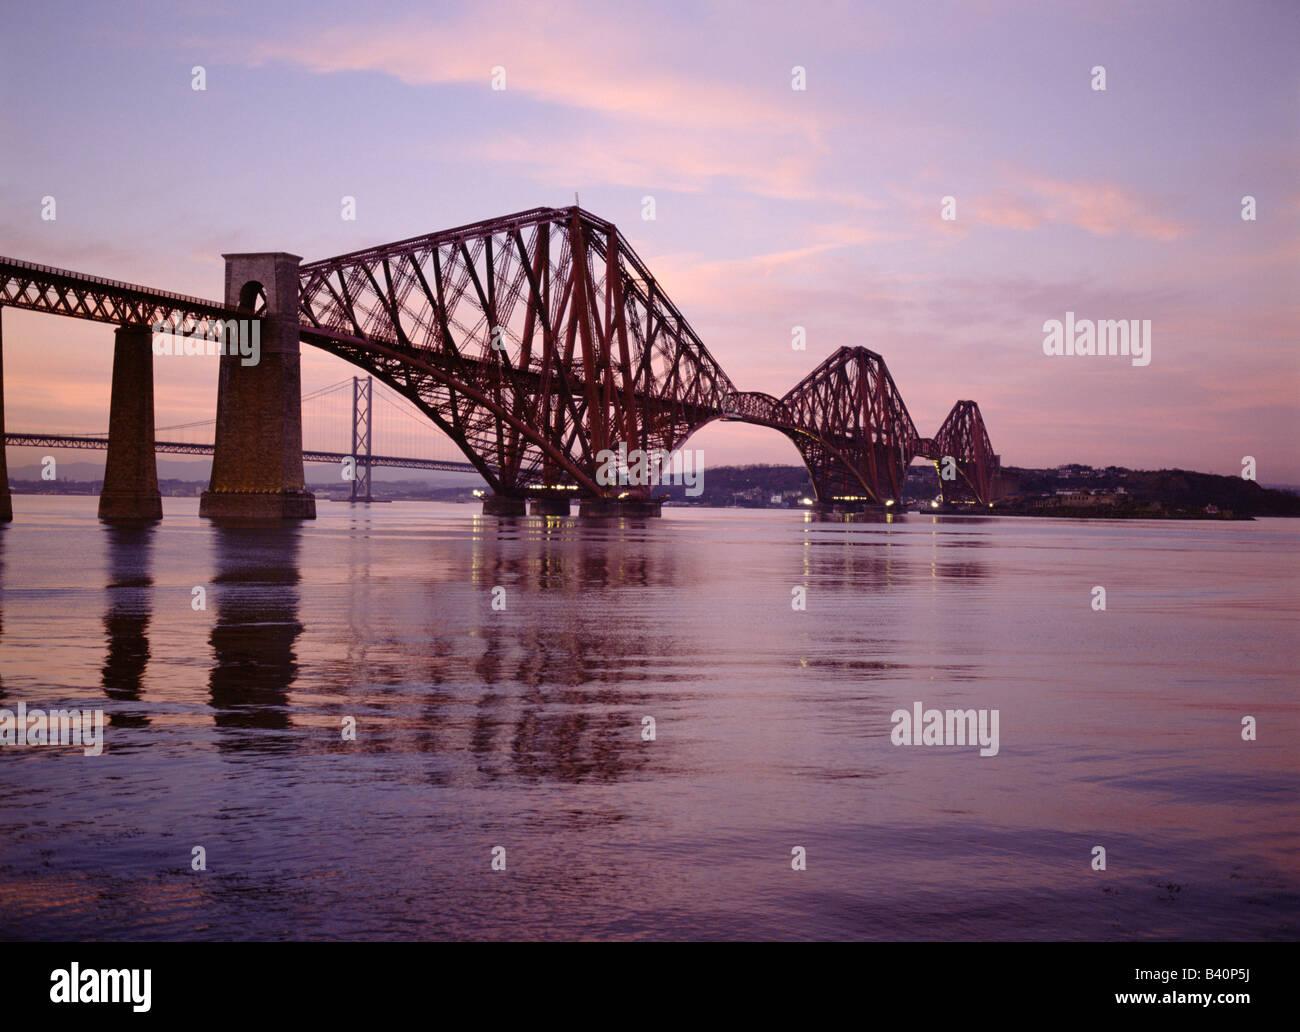 dh Railway Bridge Scotland FORTH BRIDGE FIRTH OF FORTH Scottish Ingeniería victoriana Cantilever puentes de acero tren Lothian puesta de sol Foto de stock